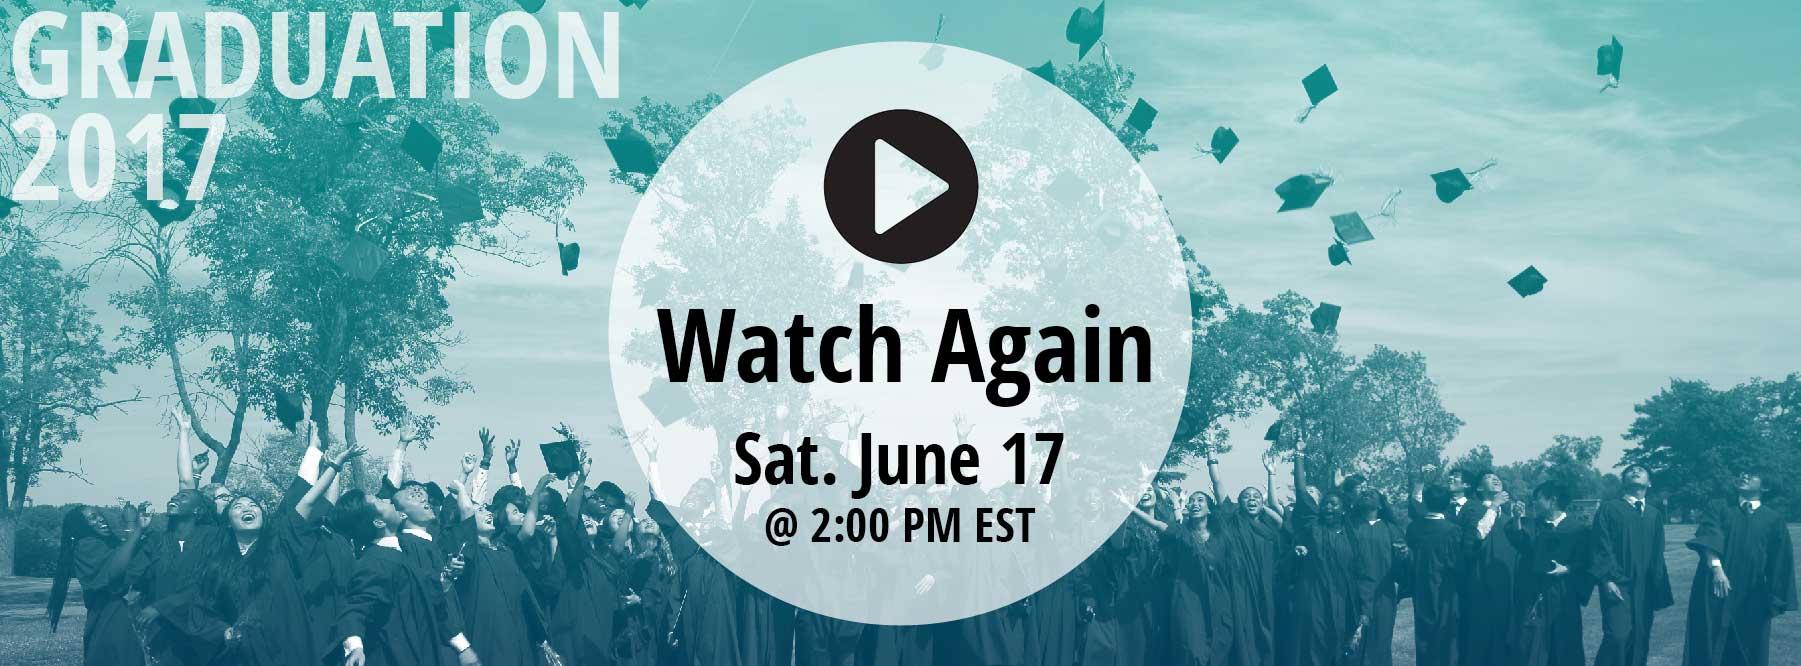 Graduation 2017 Sat. June 17, at 2 p.m. EST: Watch Again